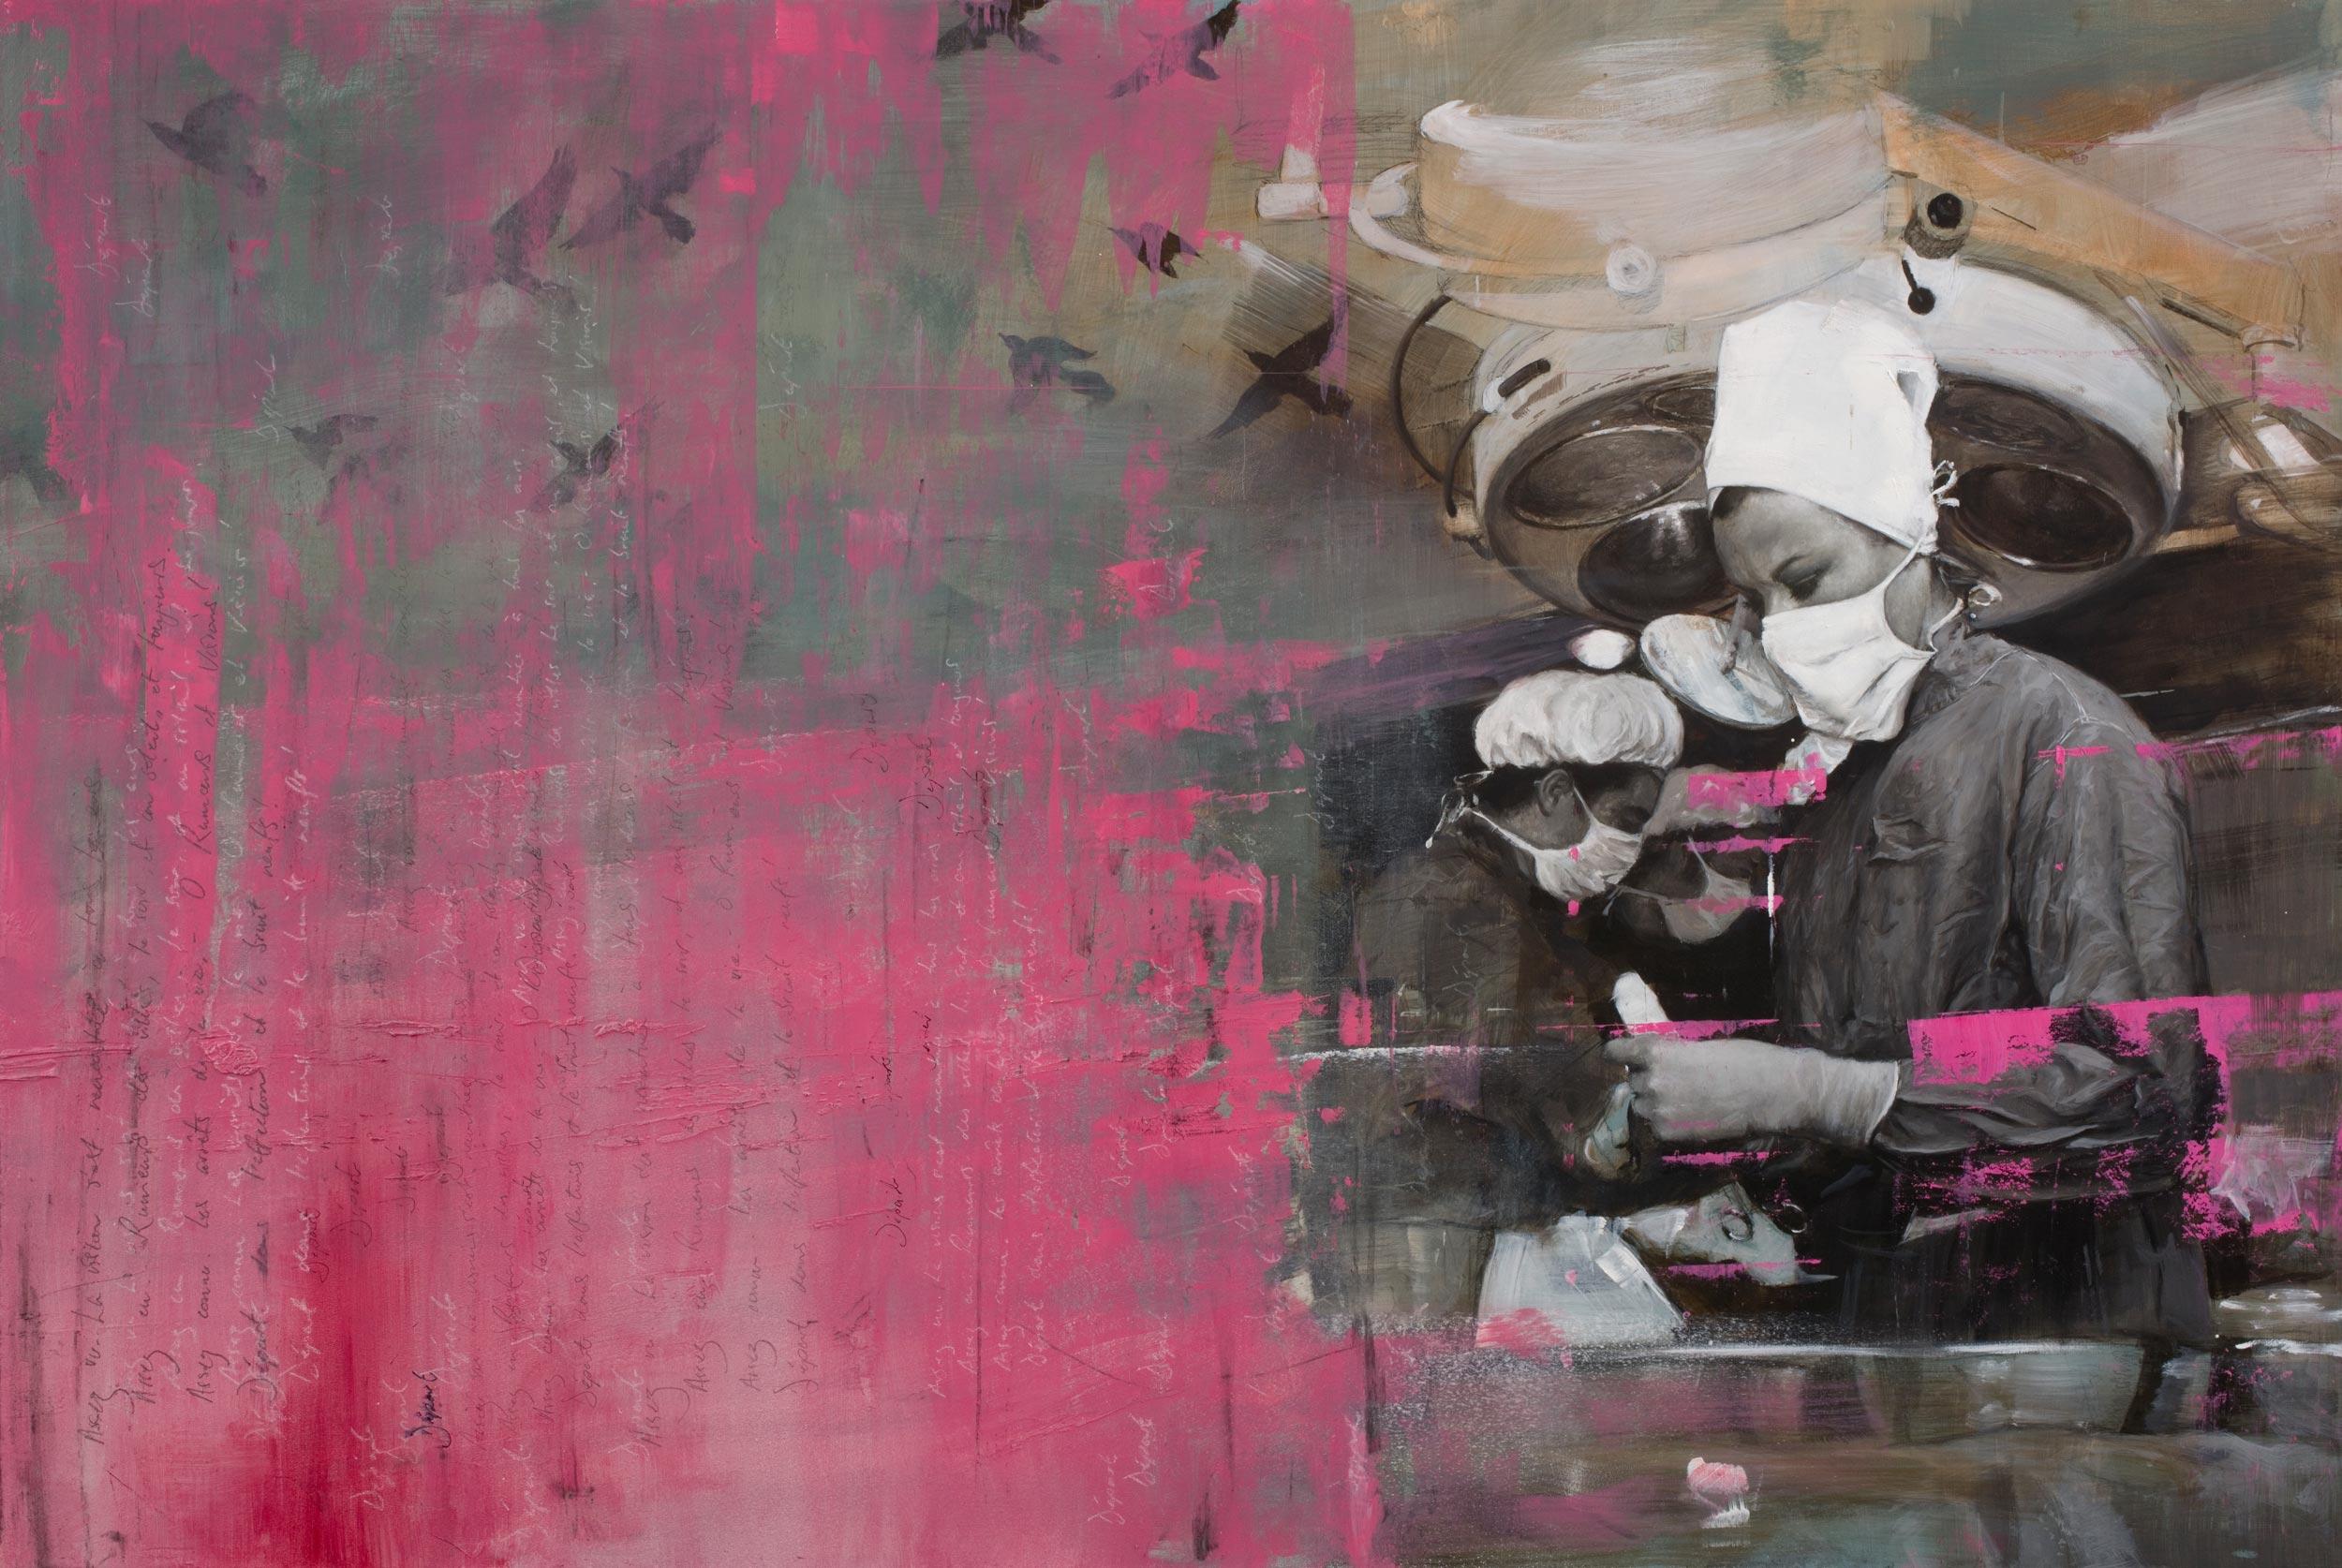 Départ, oil, pastel, graphite on panel, 2017